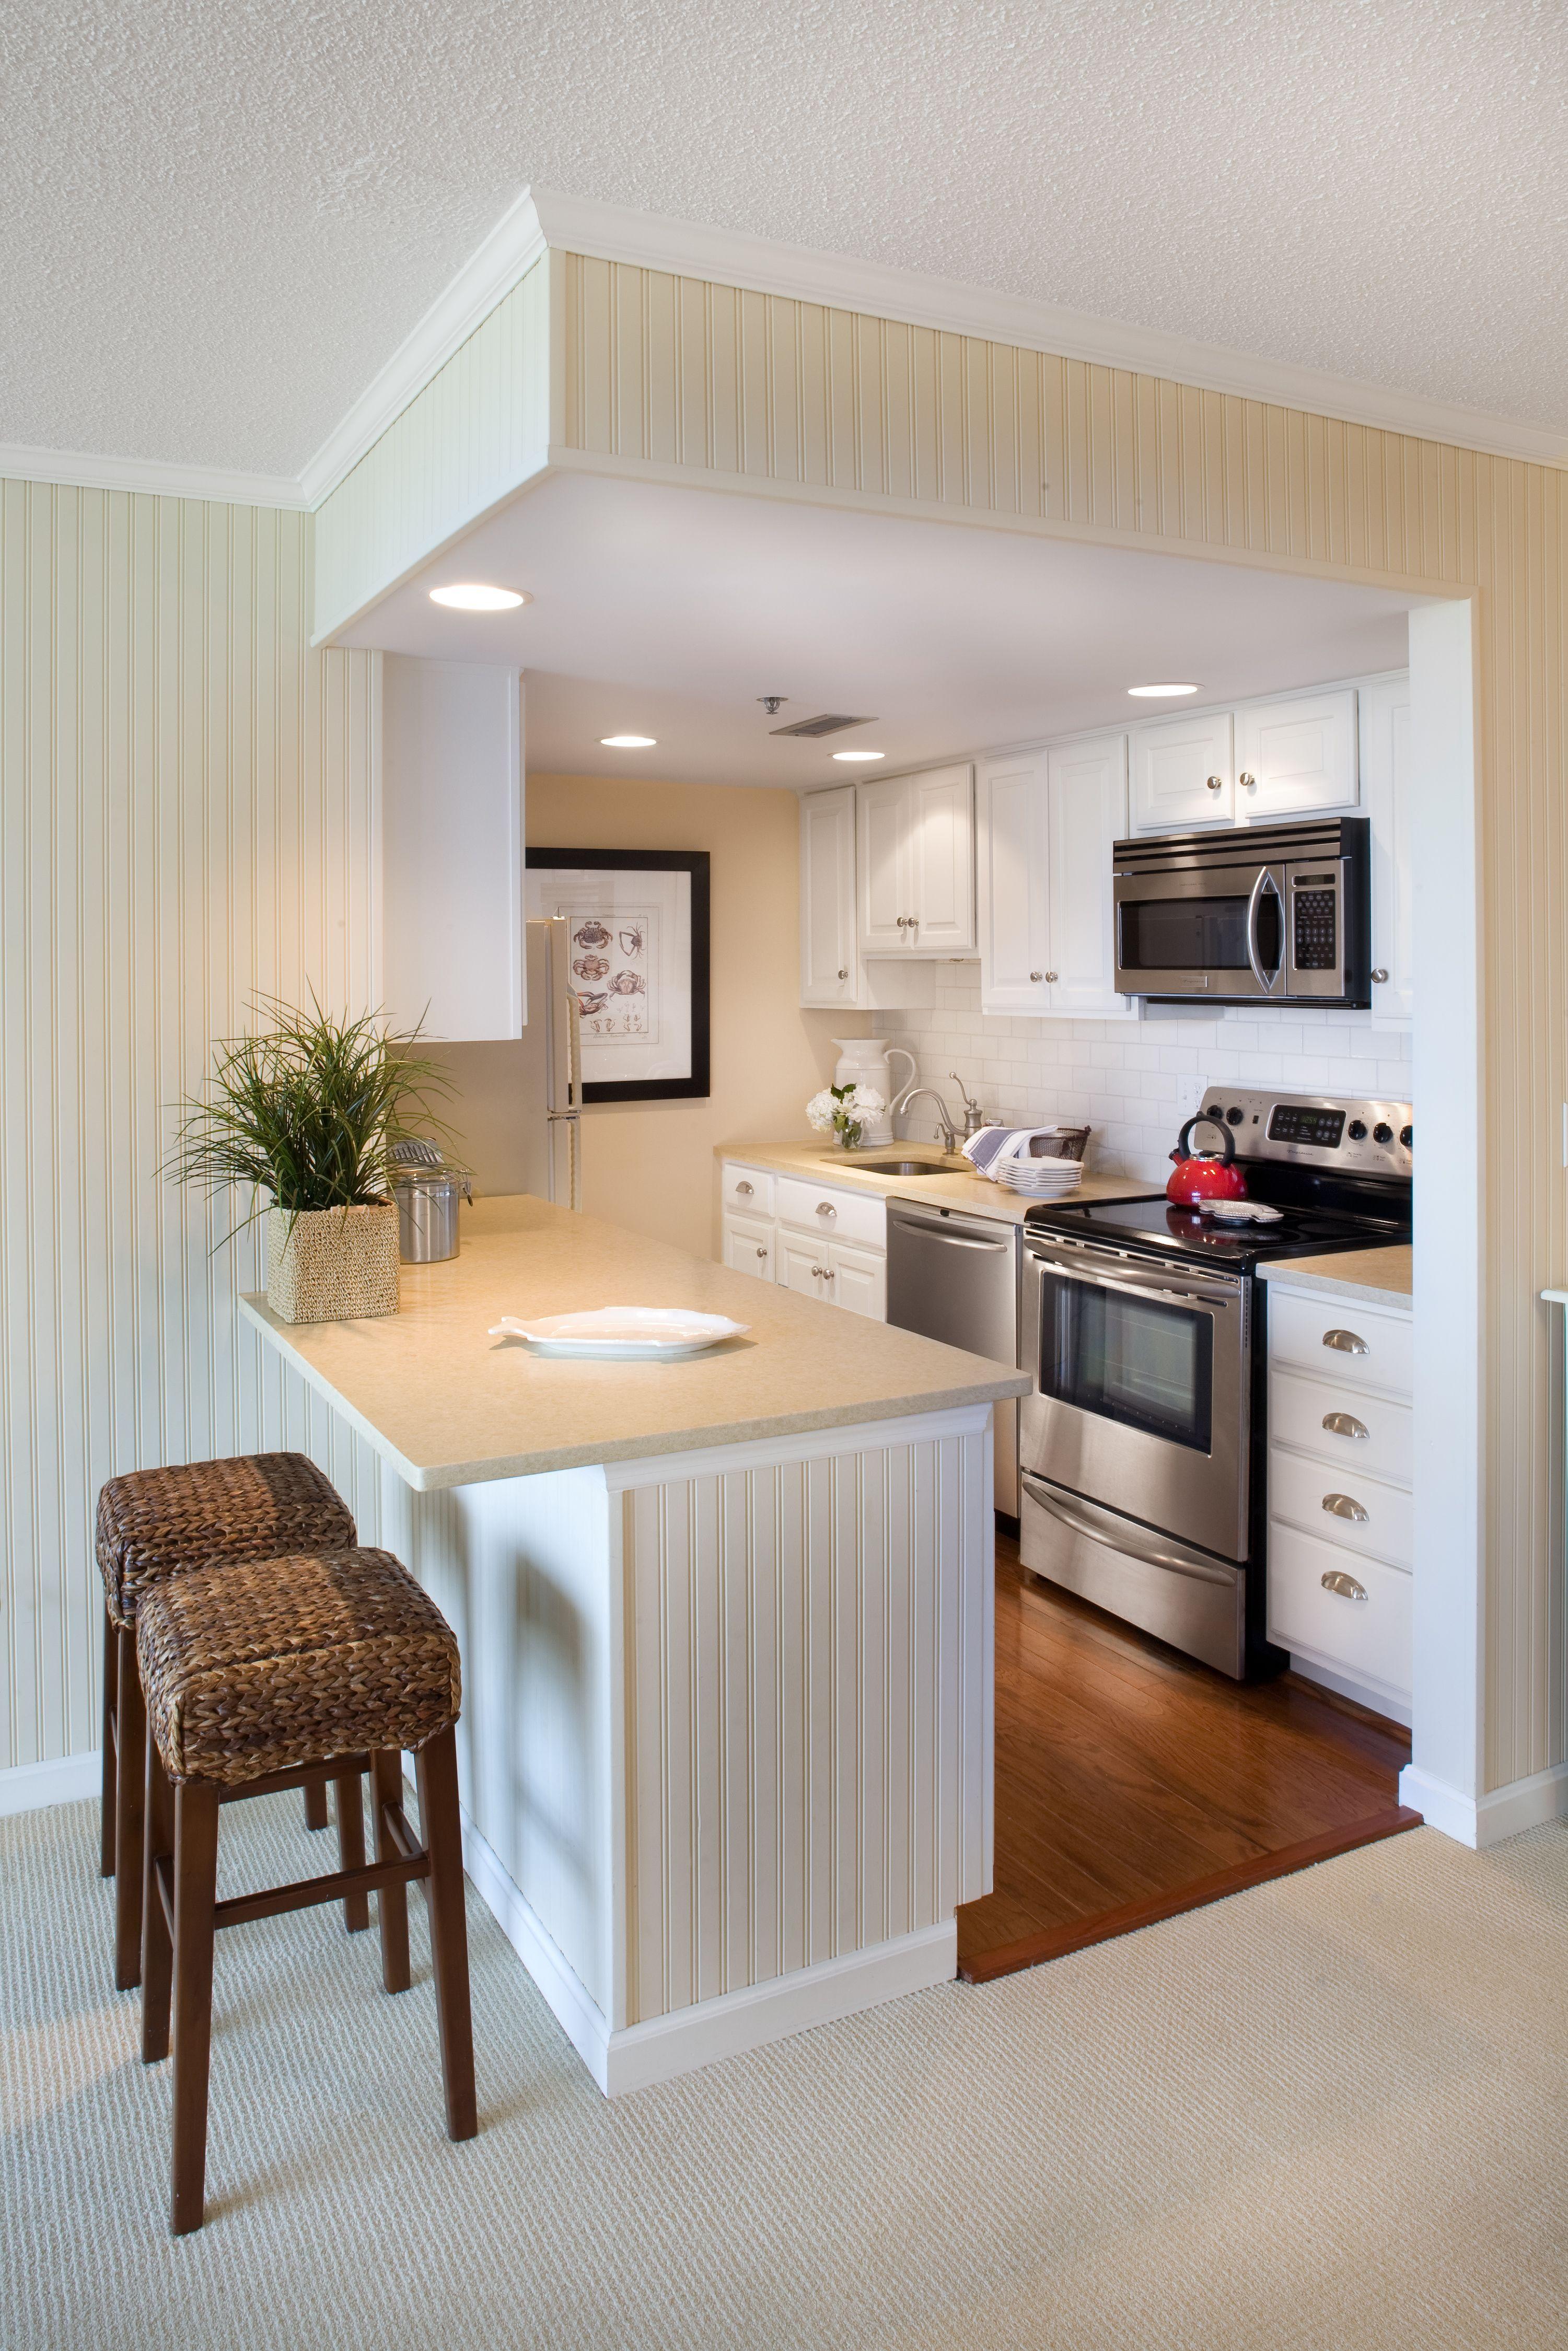 Kristin Peake Interiors Llc Kitchen Design Small Small Apartment Kitchen Kitchen Remodel Small